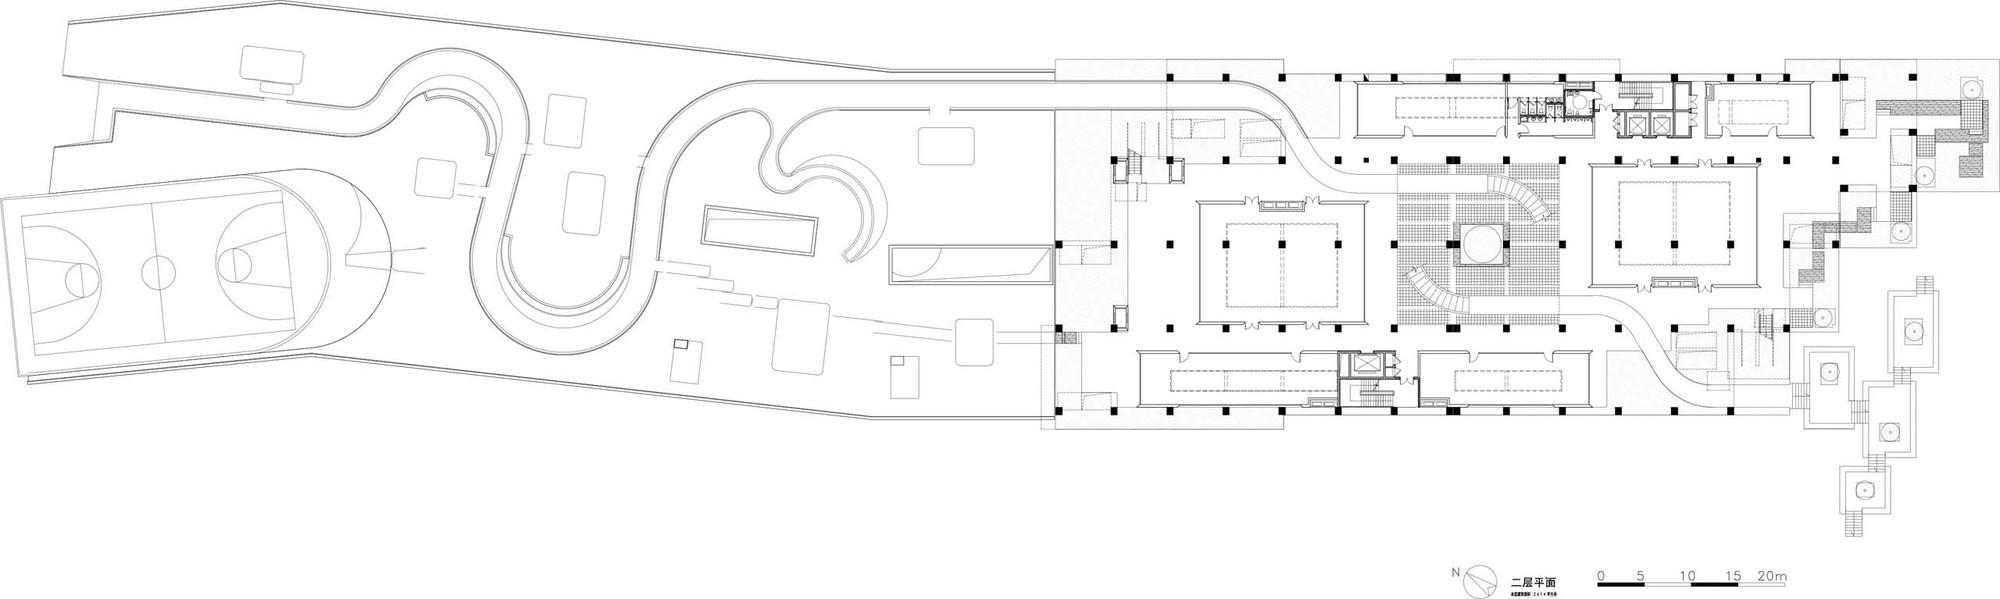 34_二层平面图.jpg